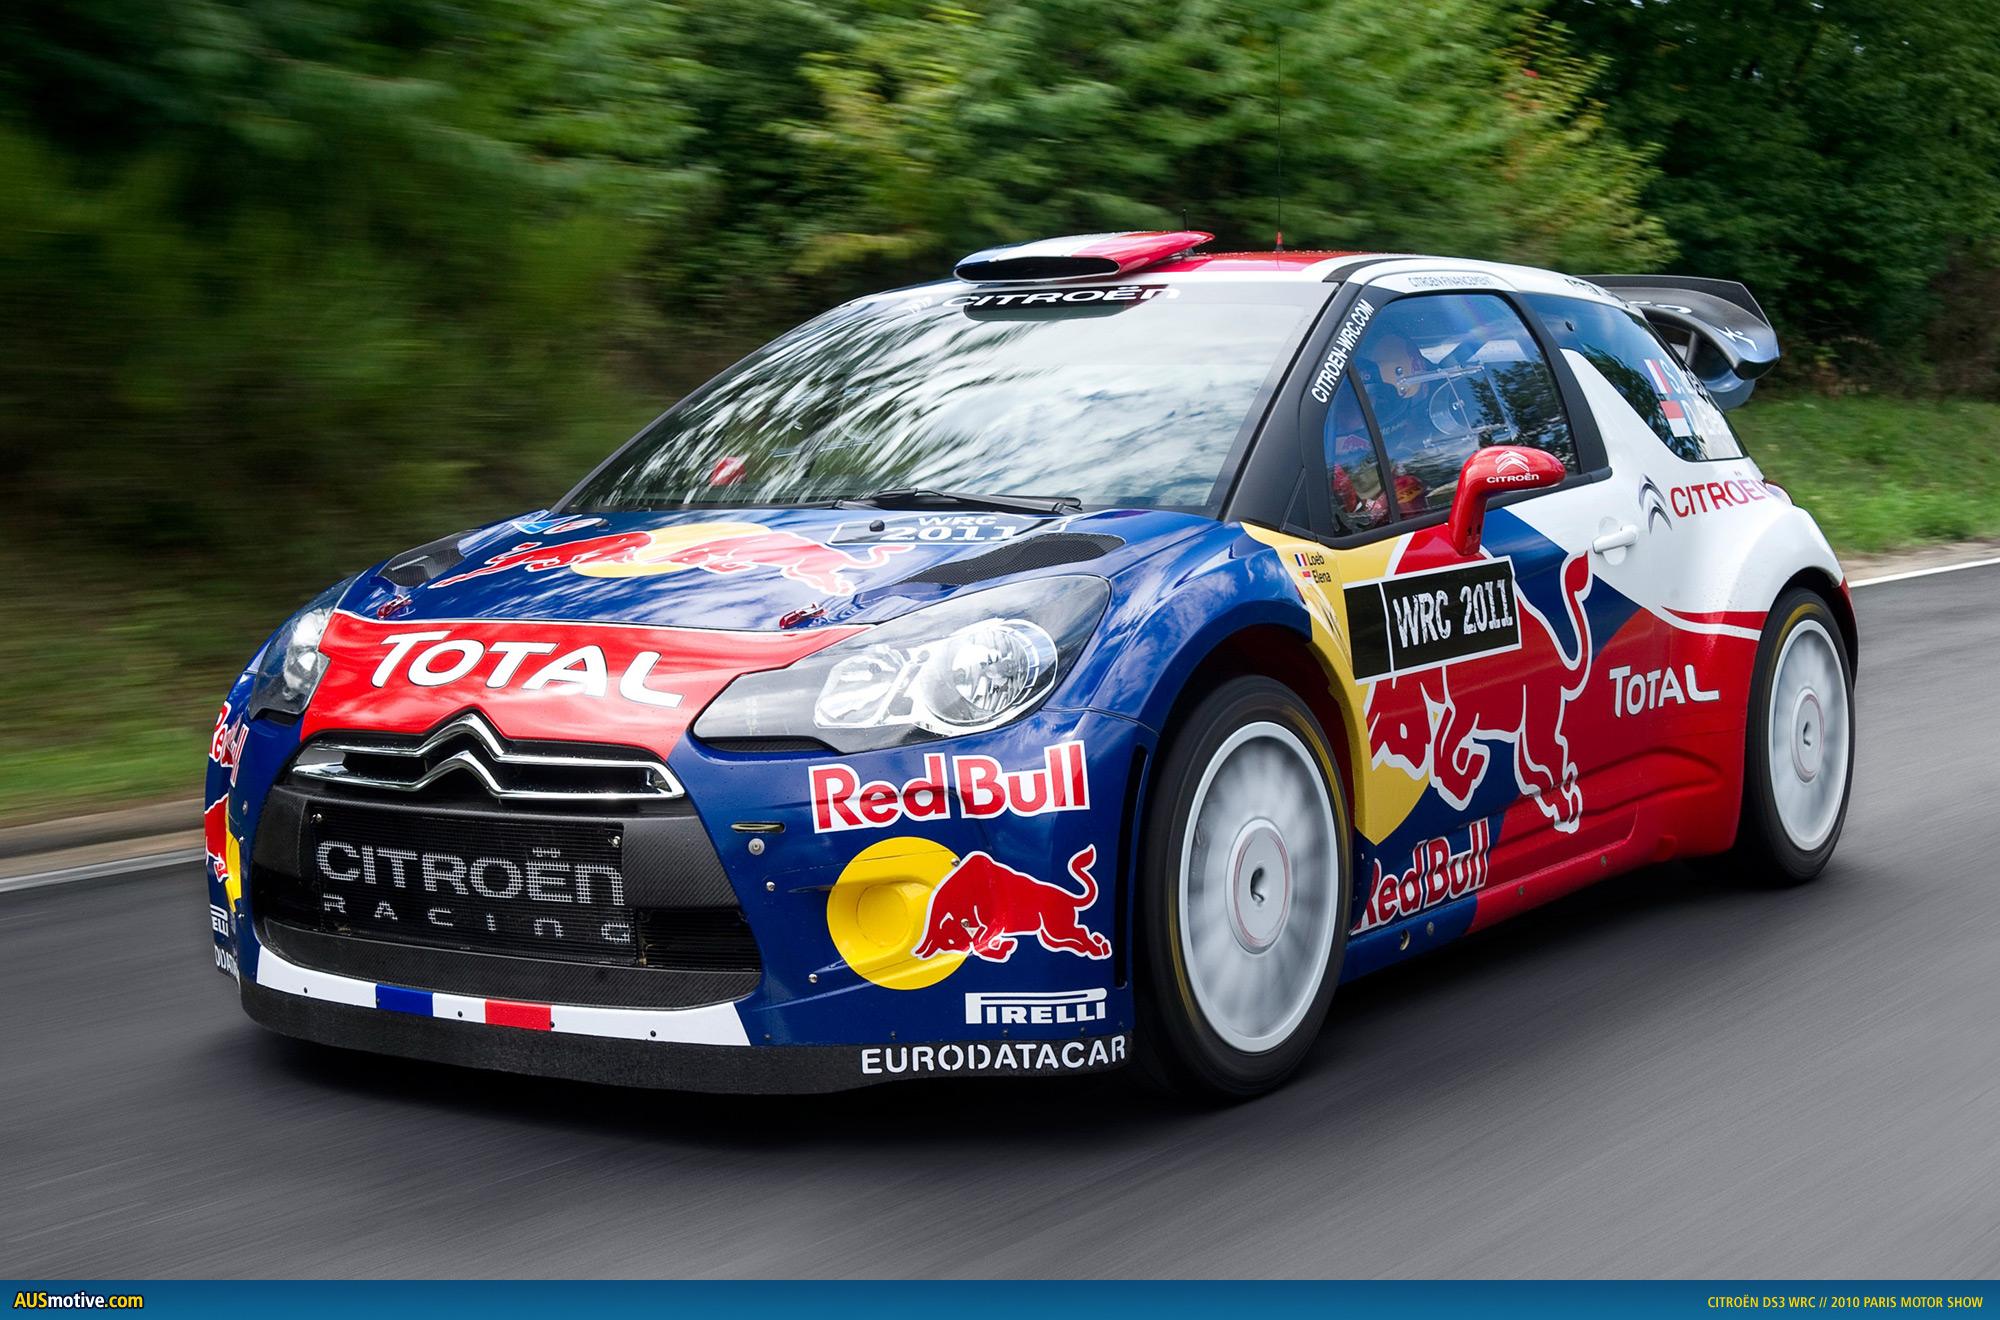 AUSmotive.com » Paris 2010: Citroën DS3 WRC